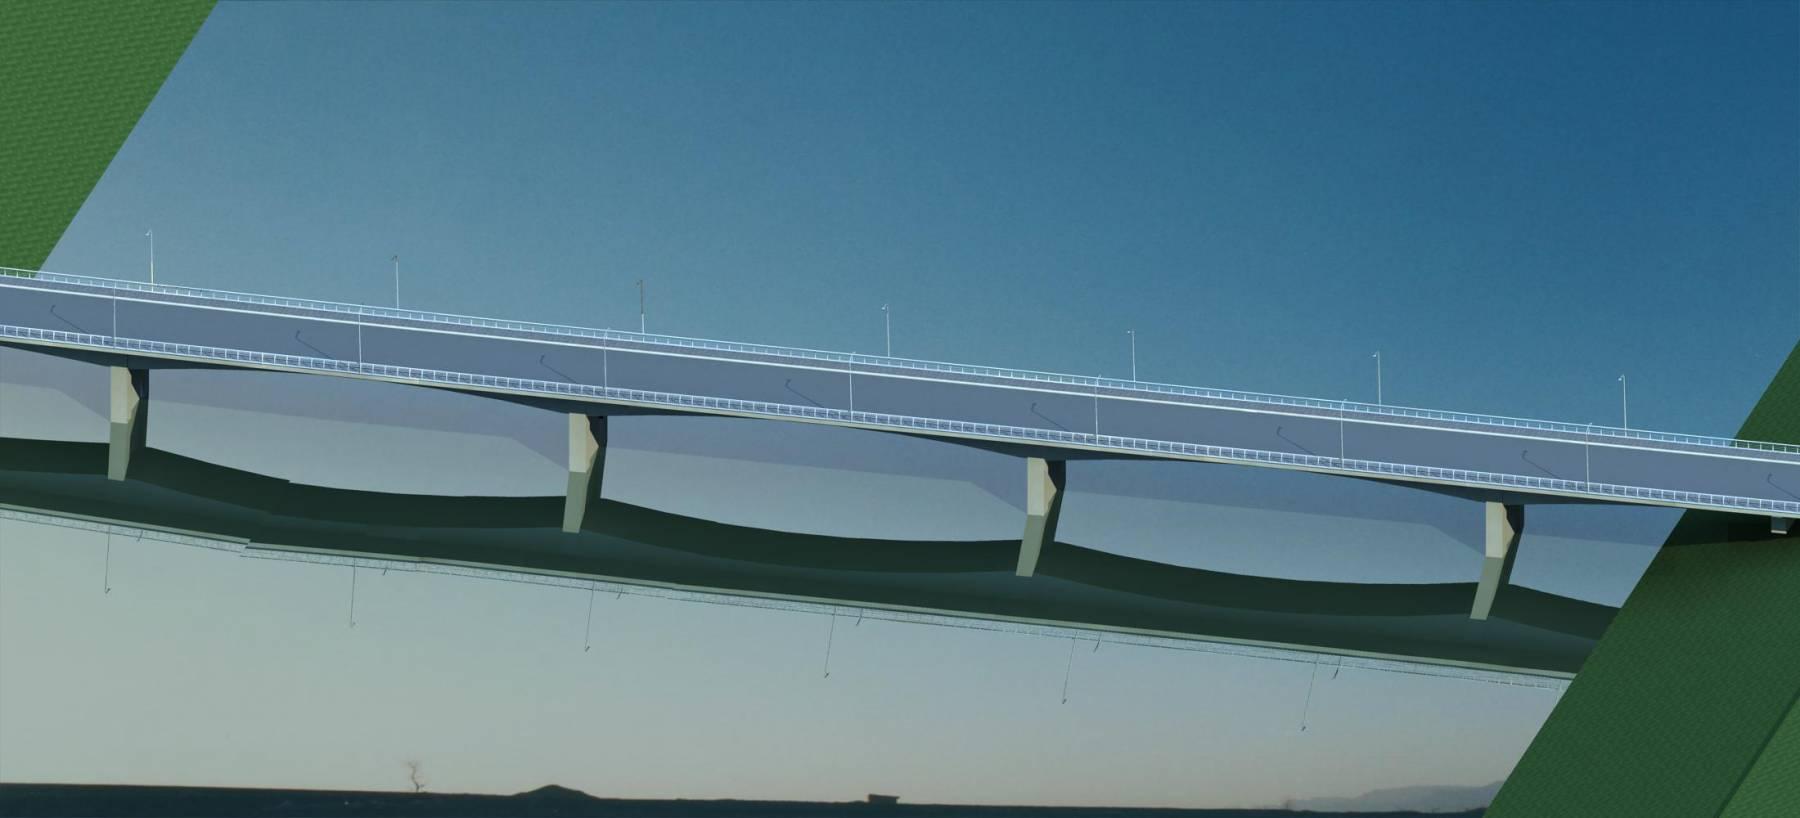 尹家湖大桥方案二